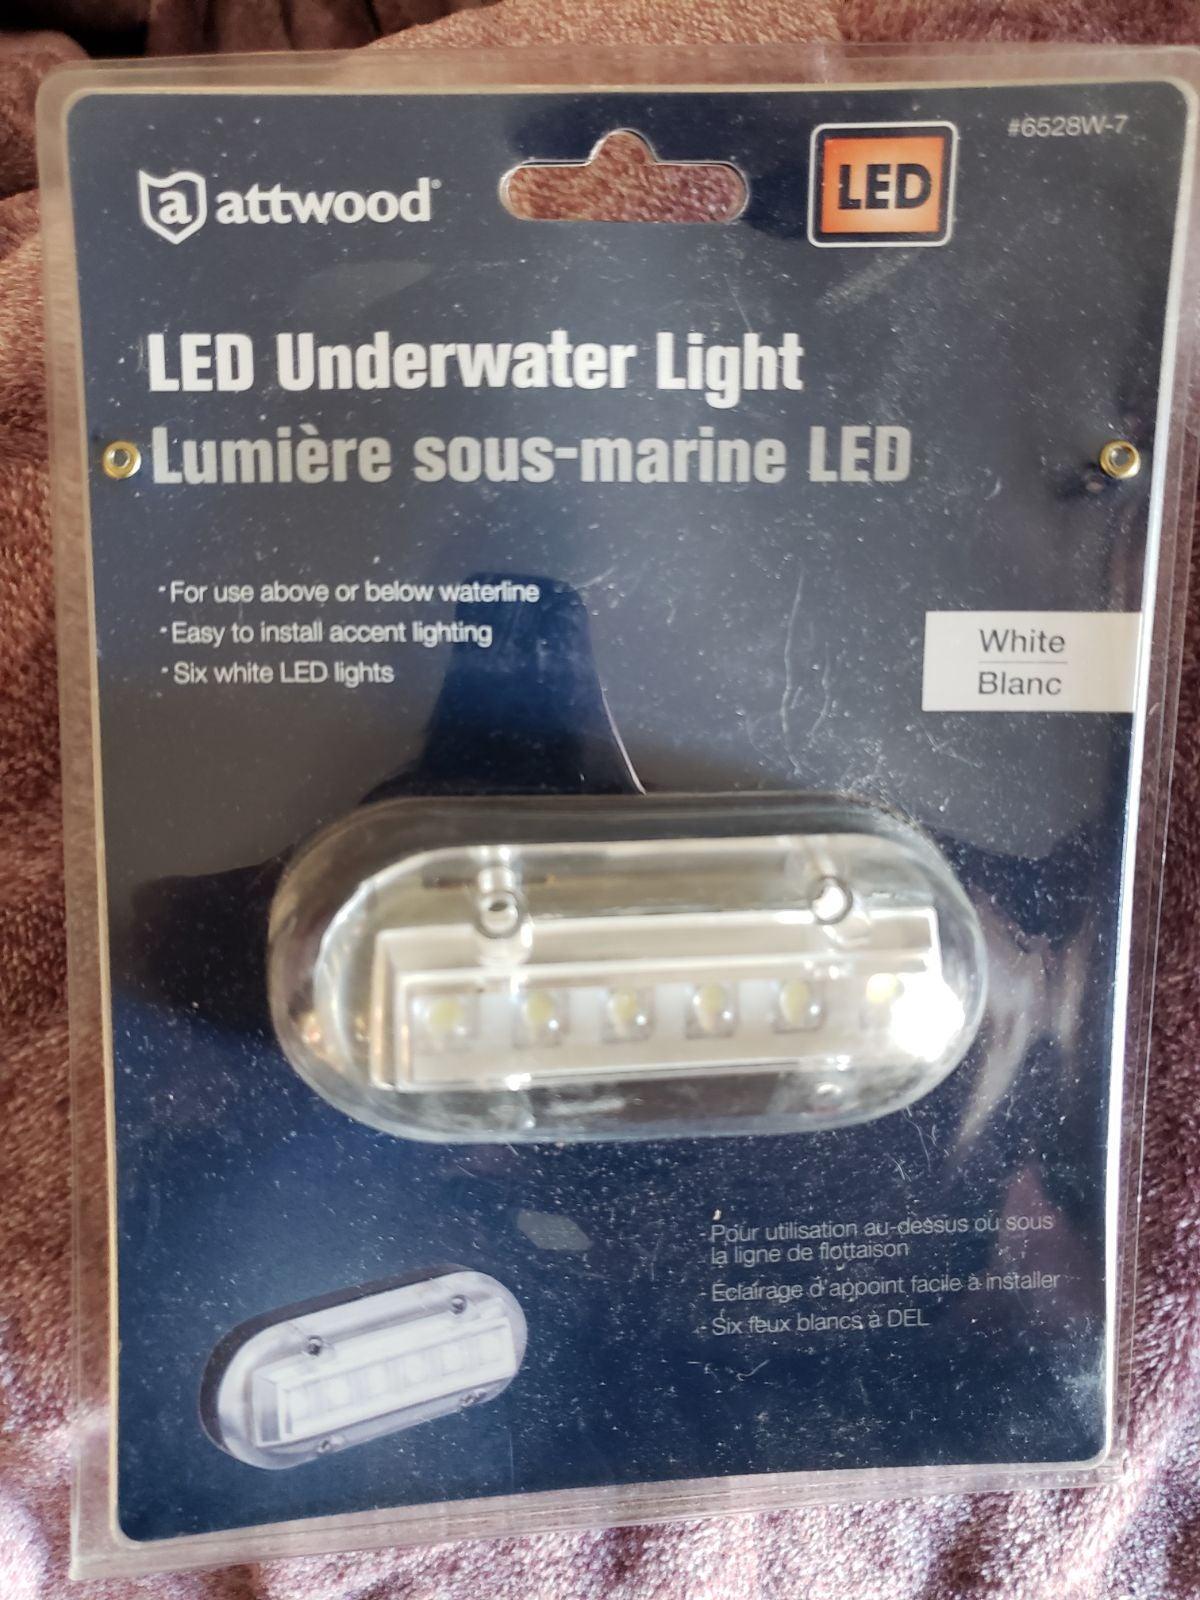 Attwood Underwater LED Light